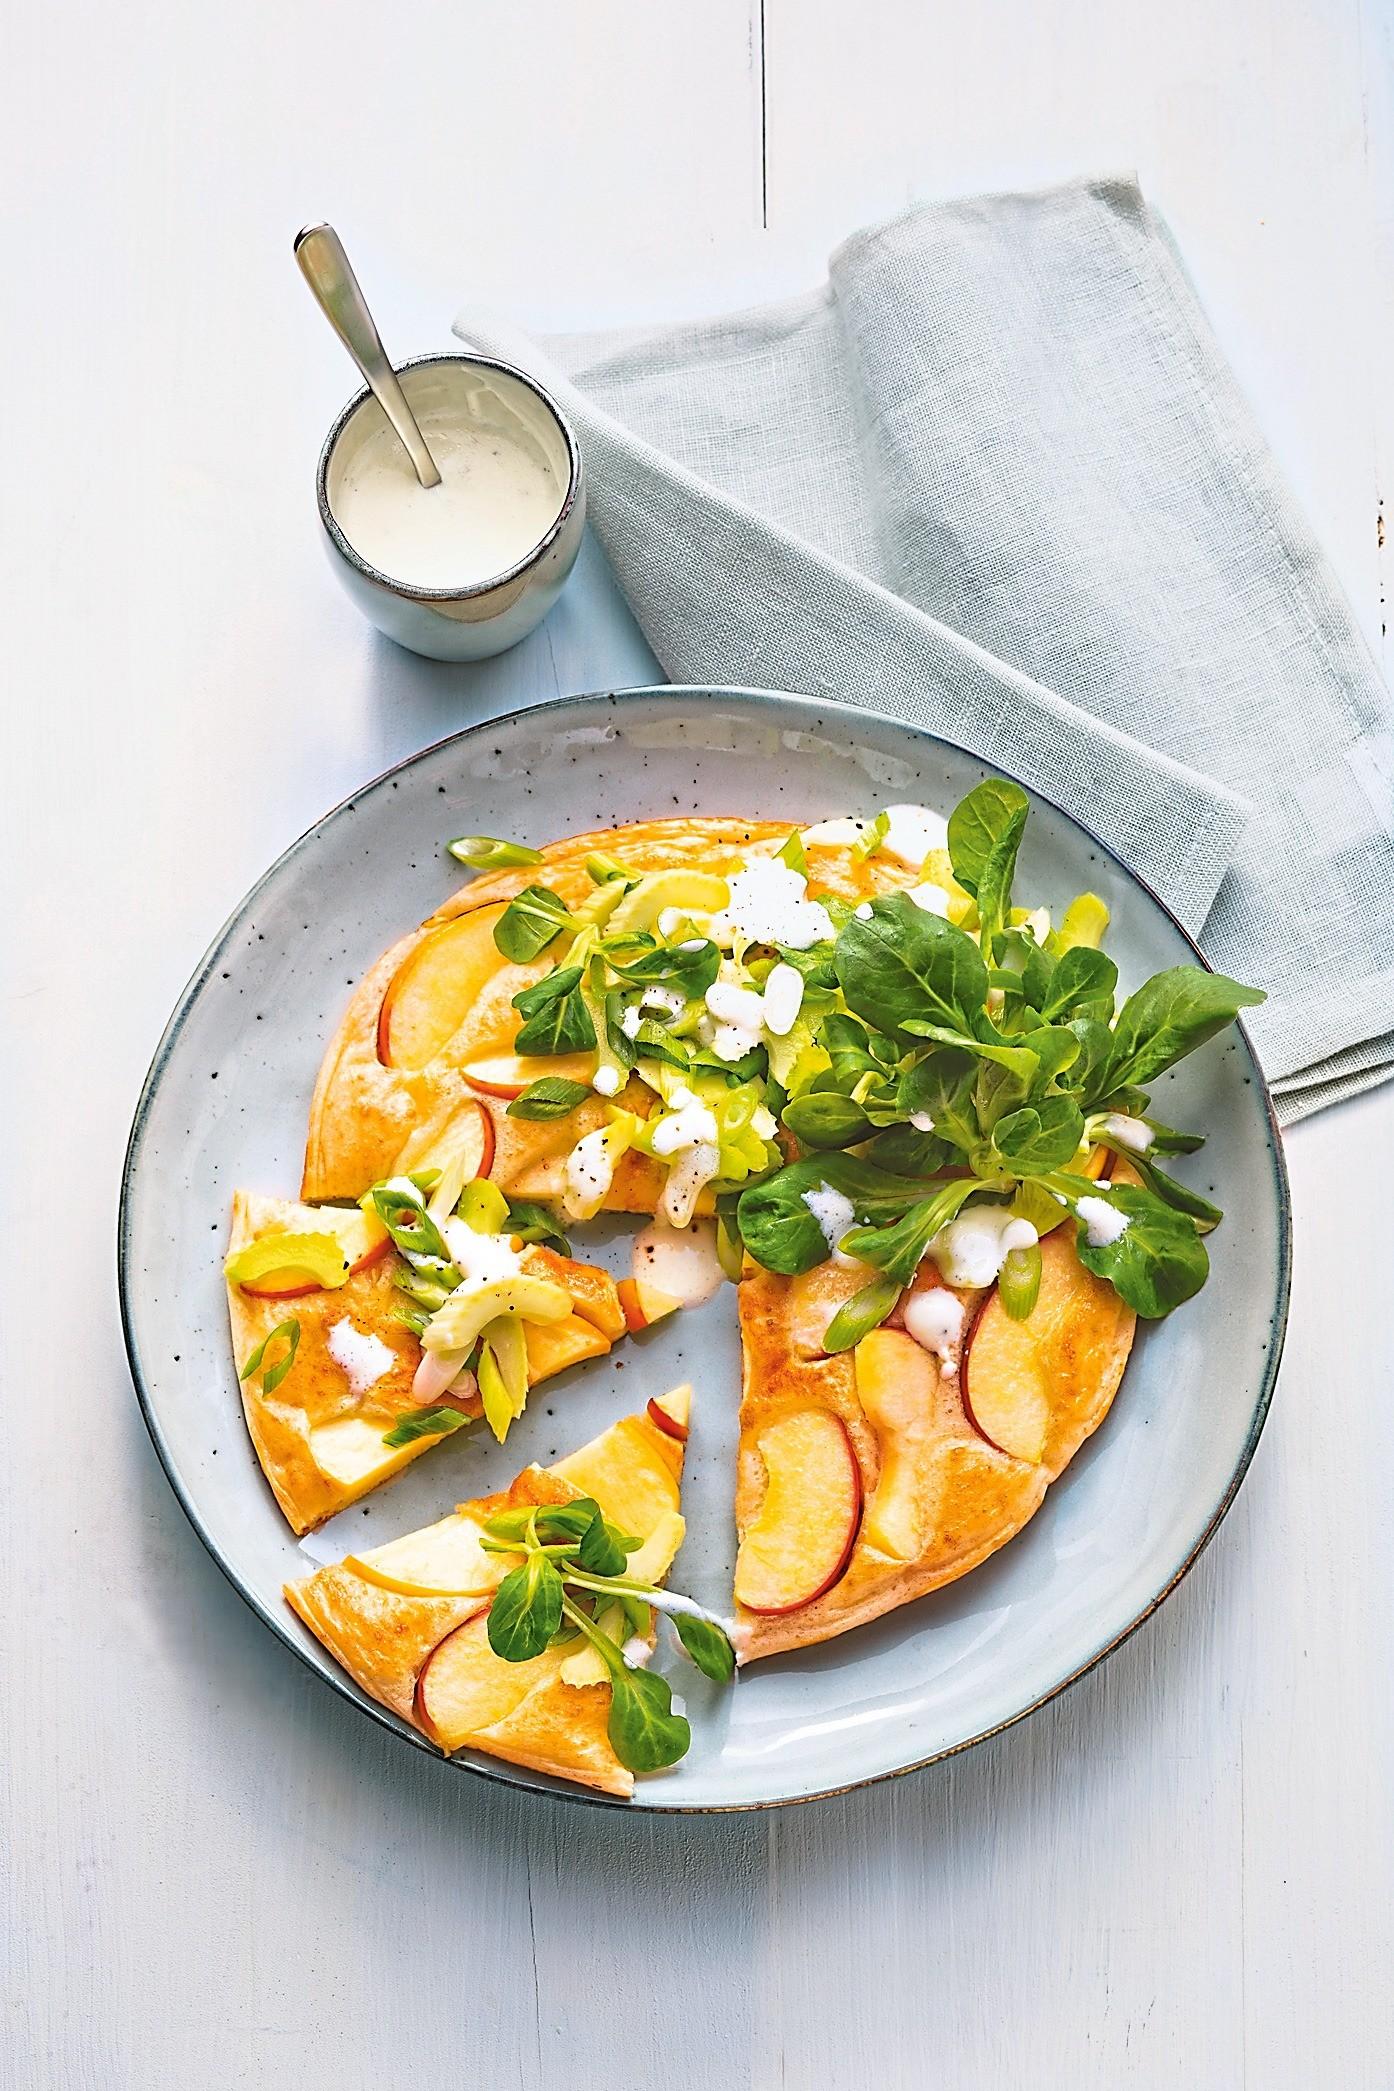 Сытный завтрак: рецепт яблочных оладьев с салатом